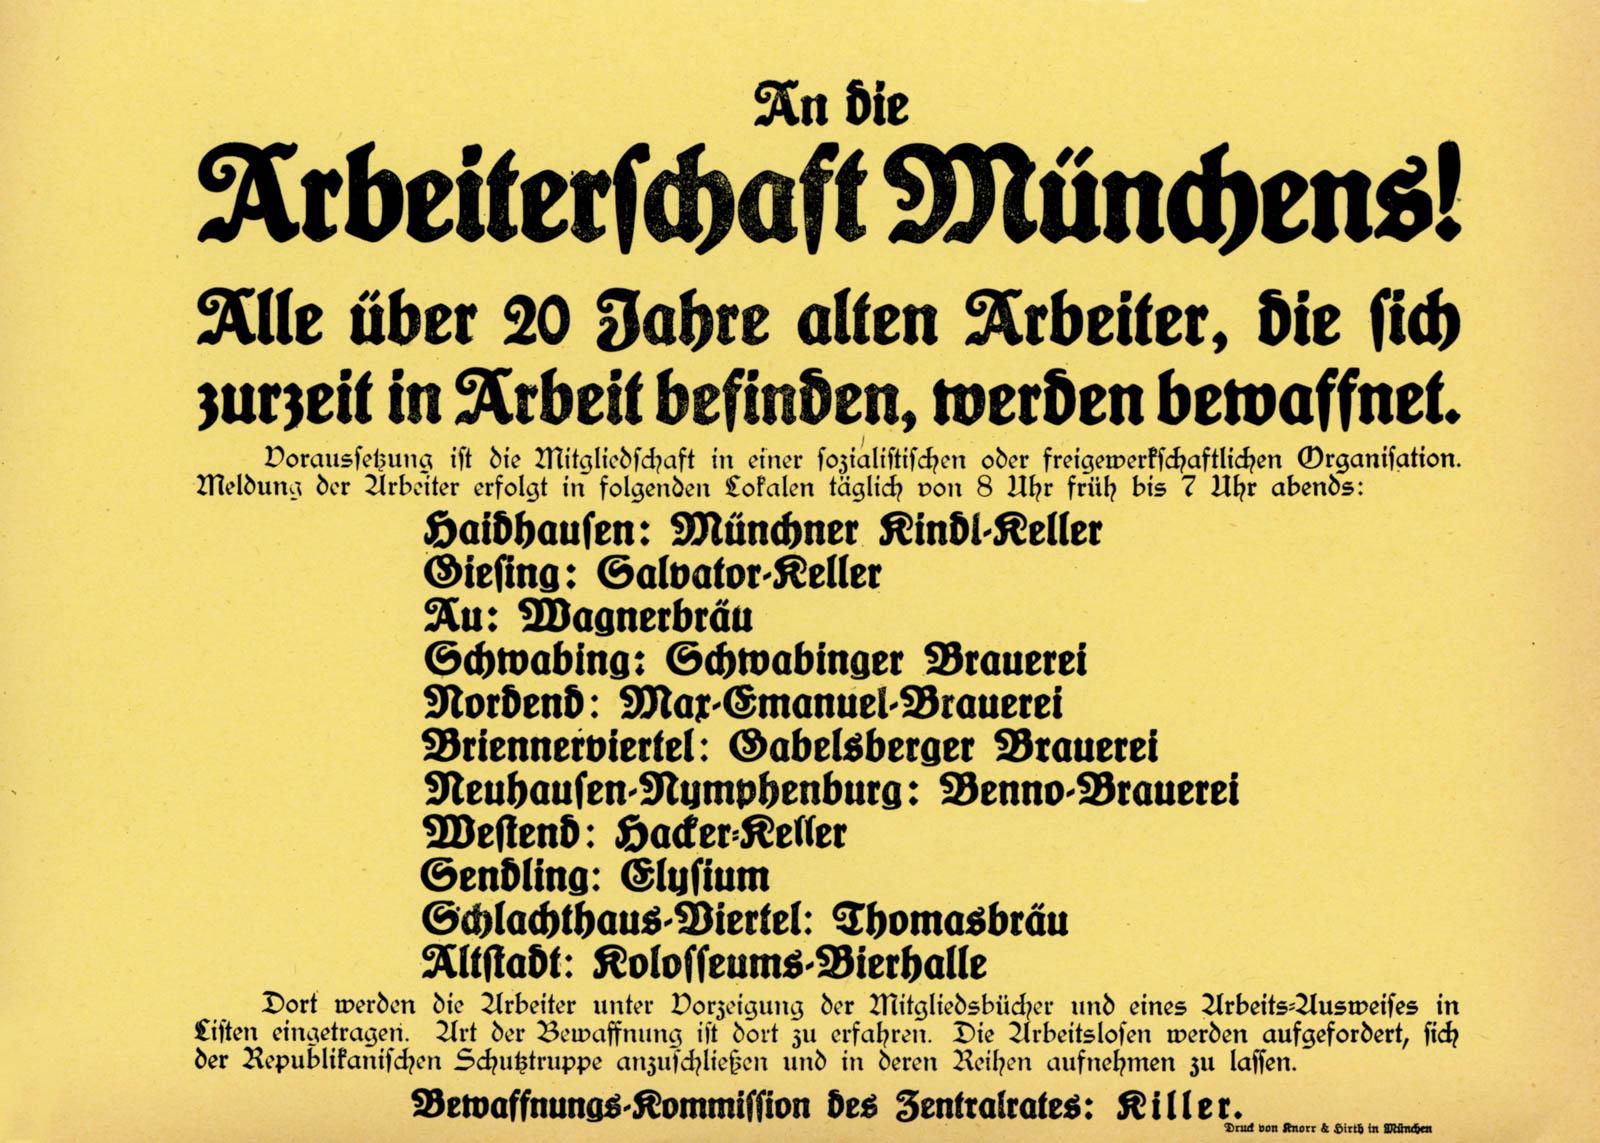 An die Arbeiterschaft Münchens!